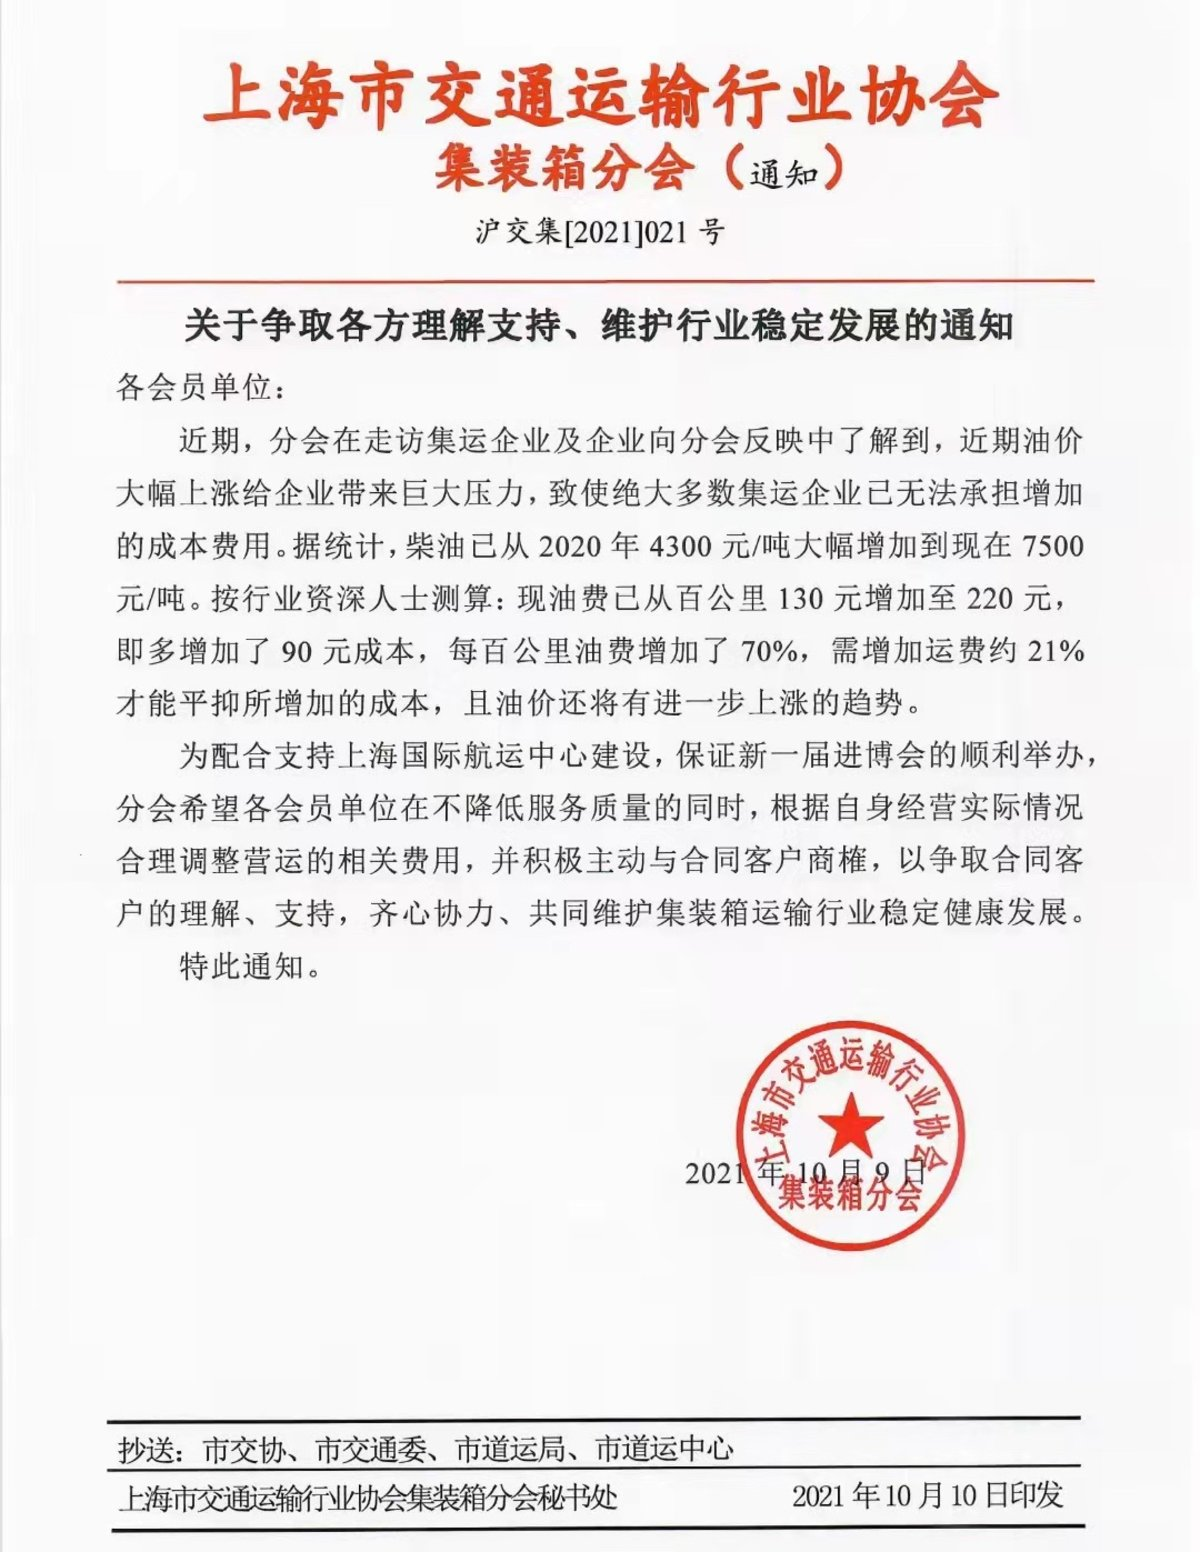 倡导集卡涨价!上海宁波港等协会齐发文